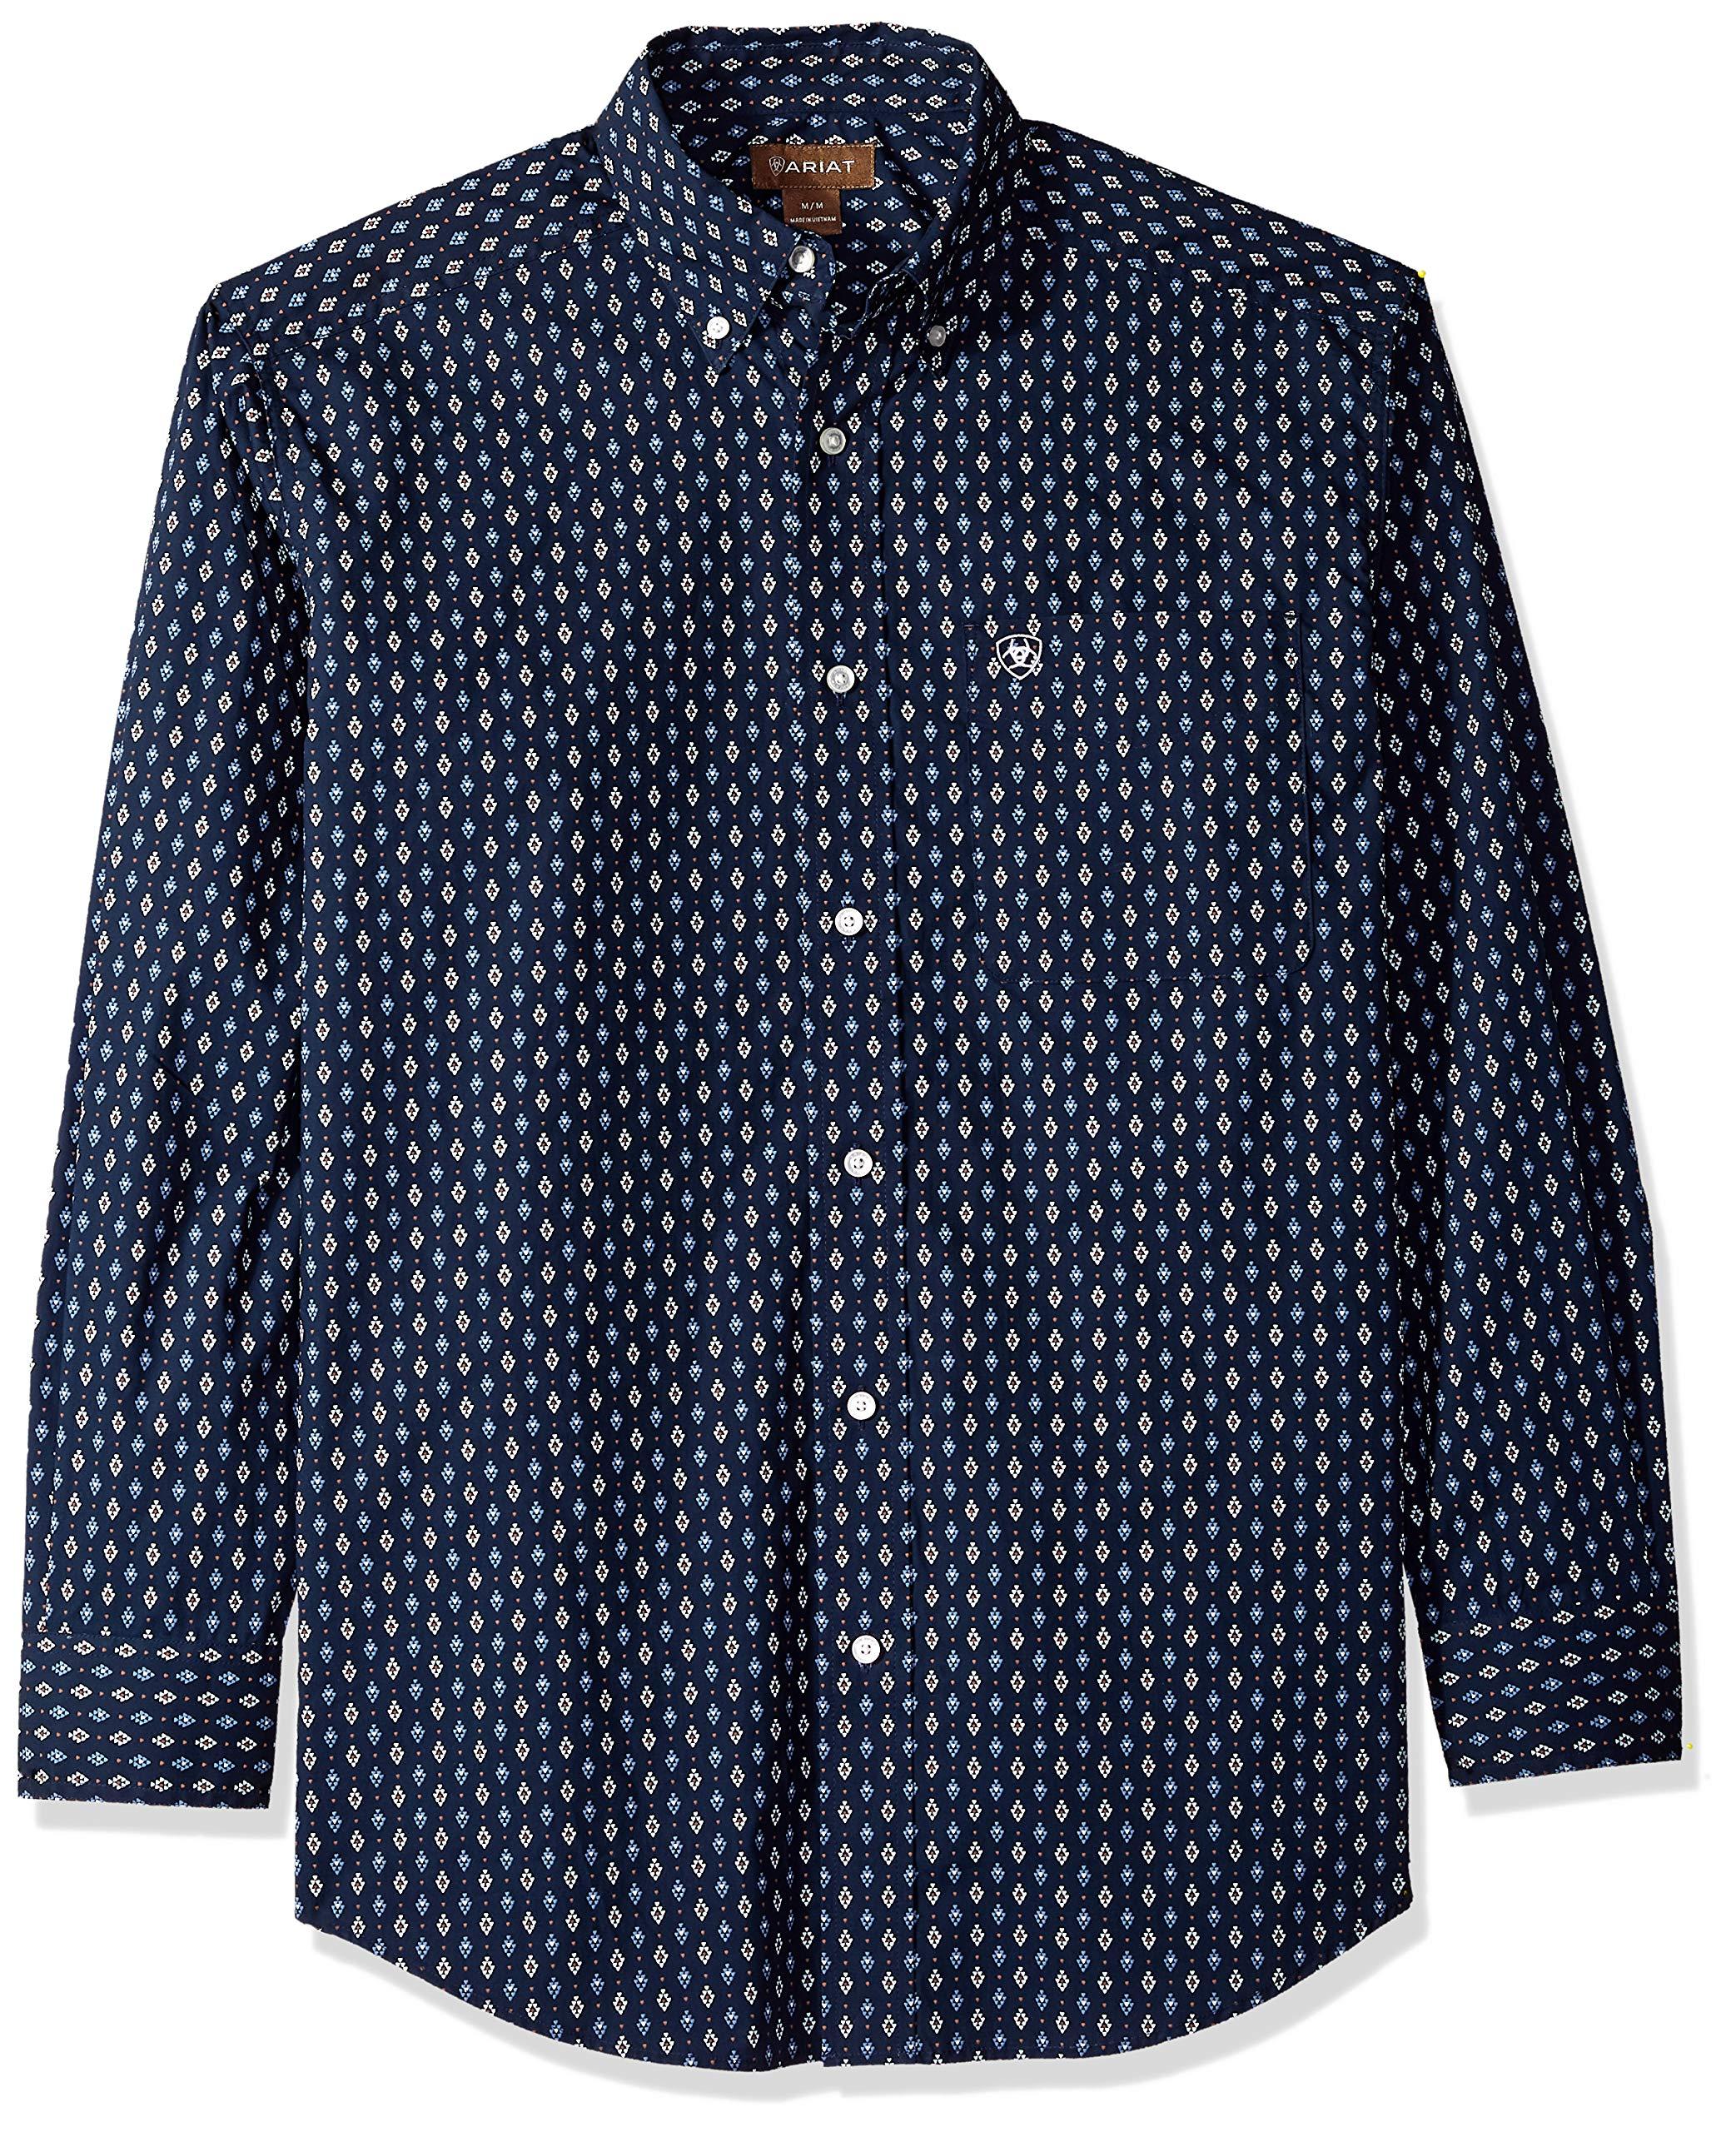 Ariat Men's Classic Fit Long Sleeve Button Down Shirt, Padaman True Navy, XXL